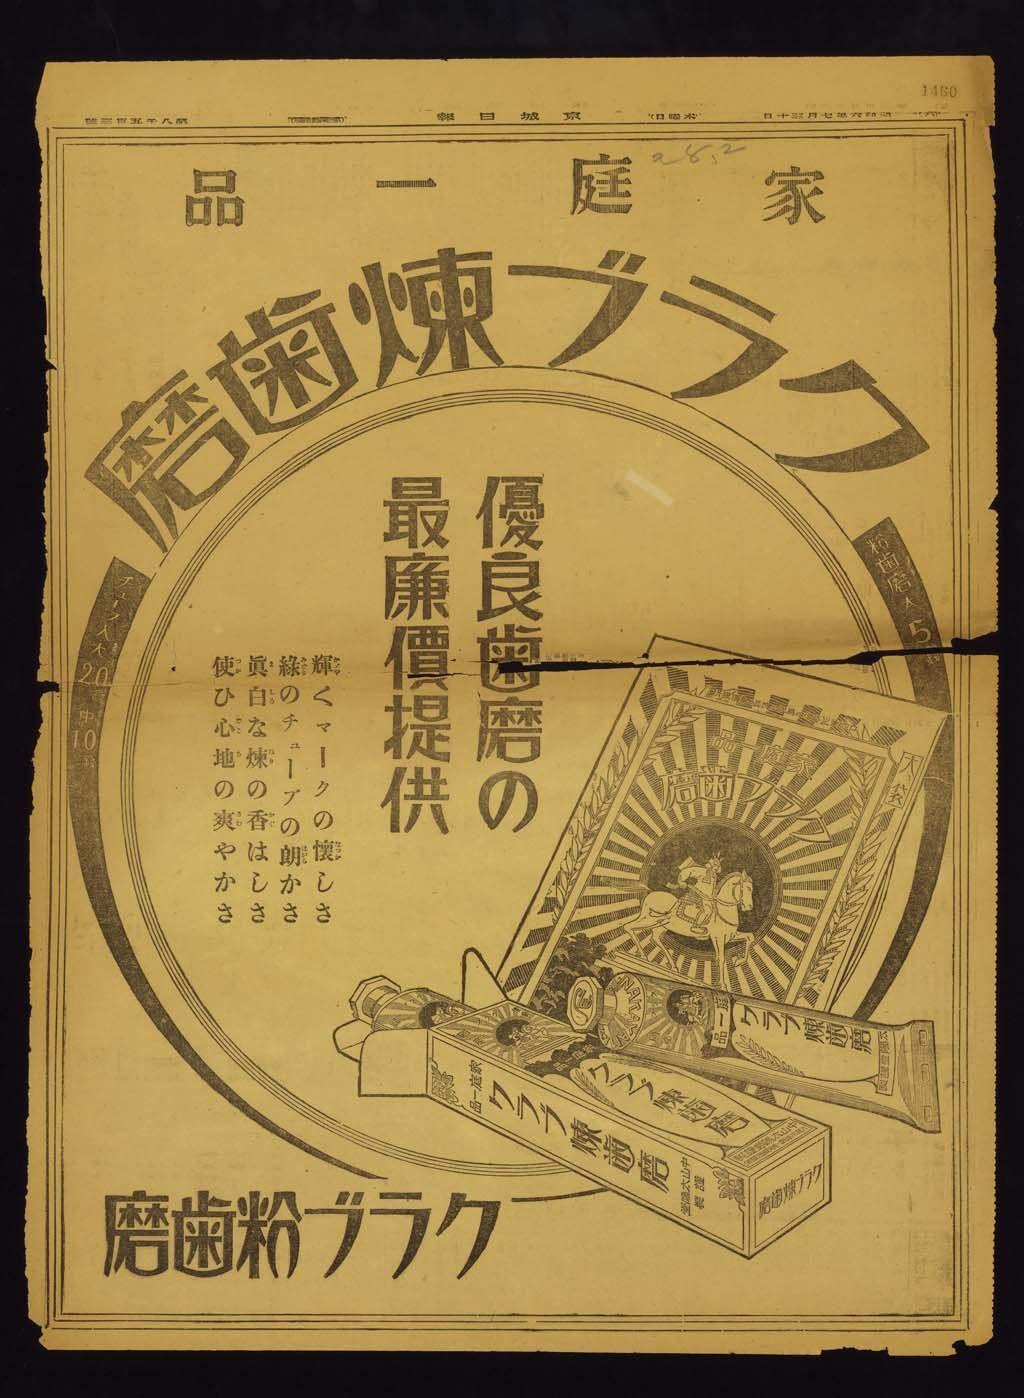 京城日報 第 8503 号、6 面、昭...